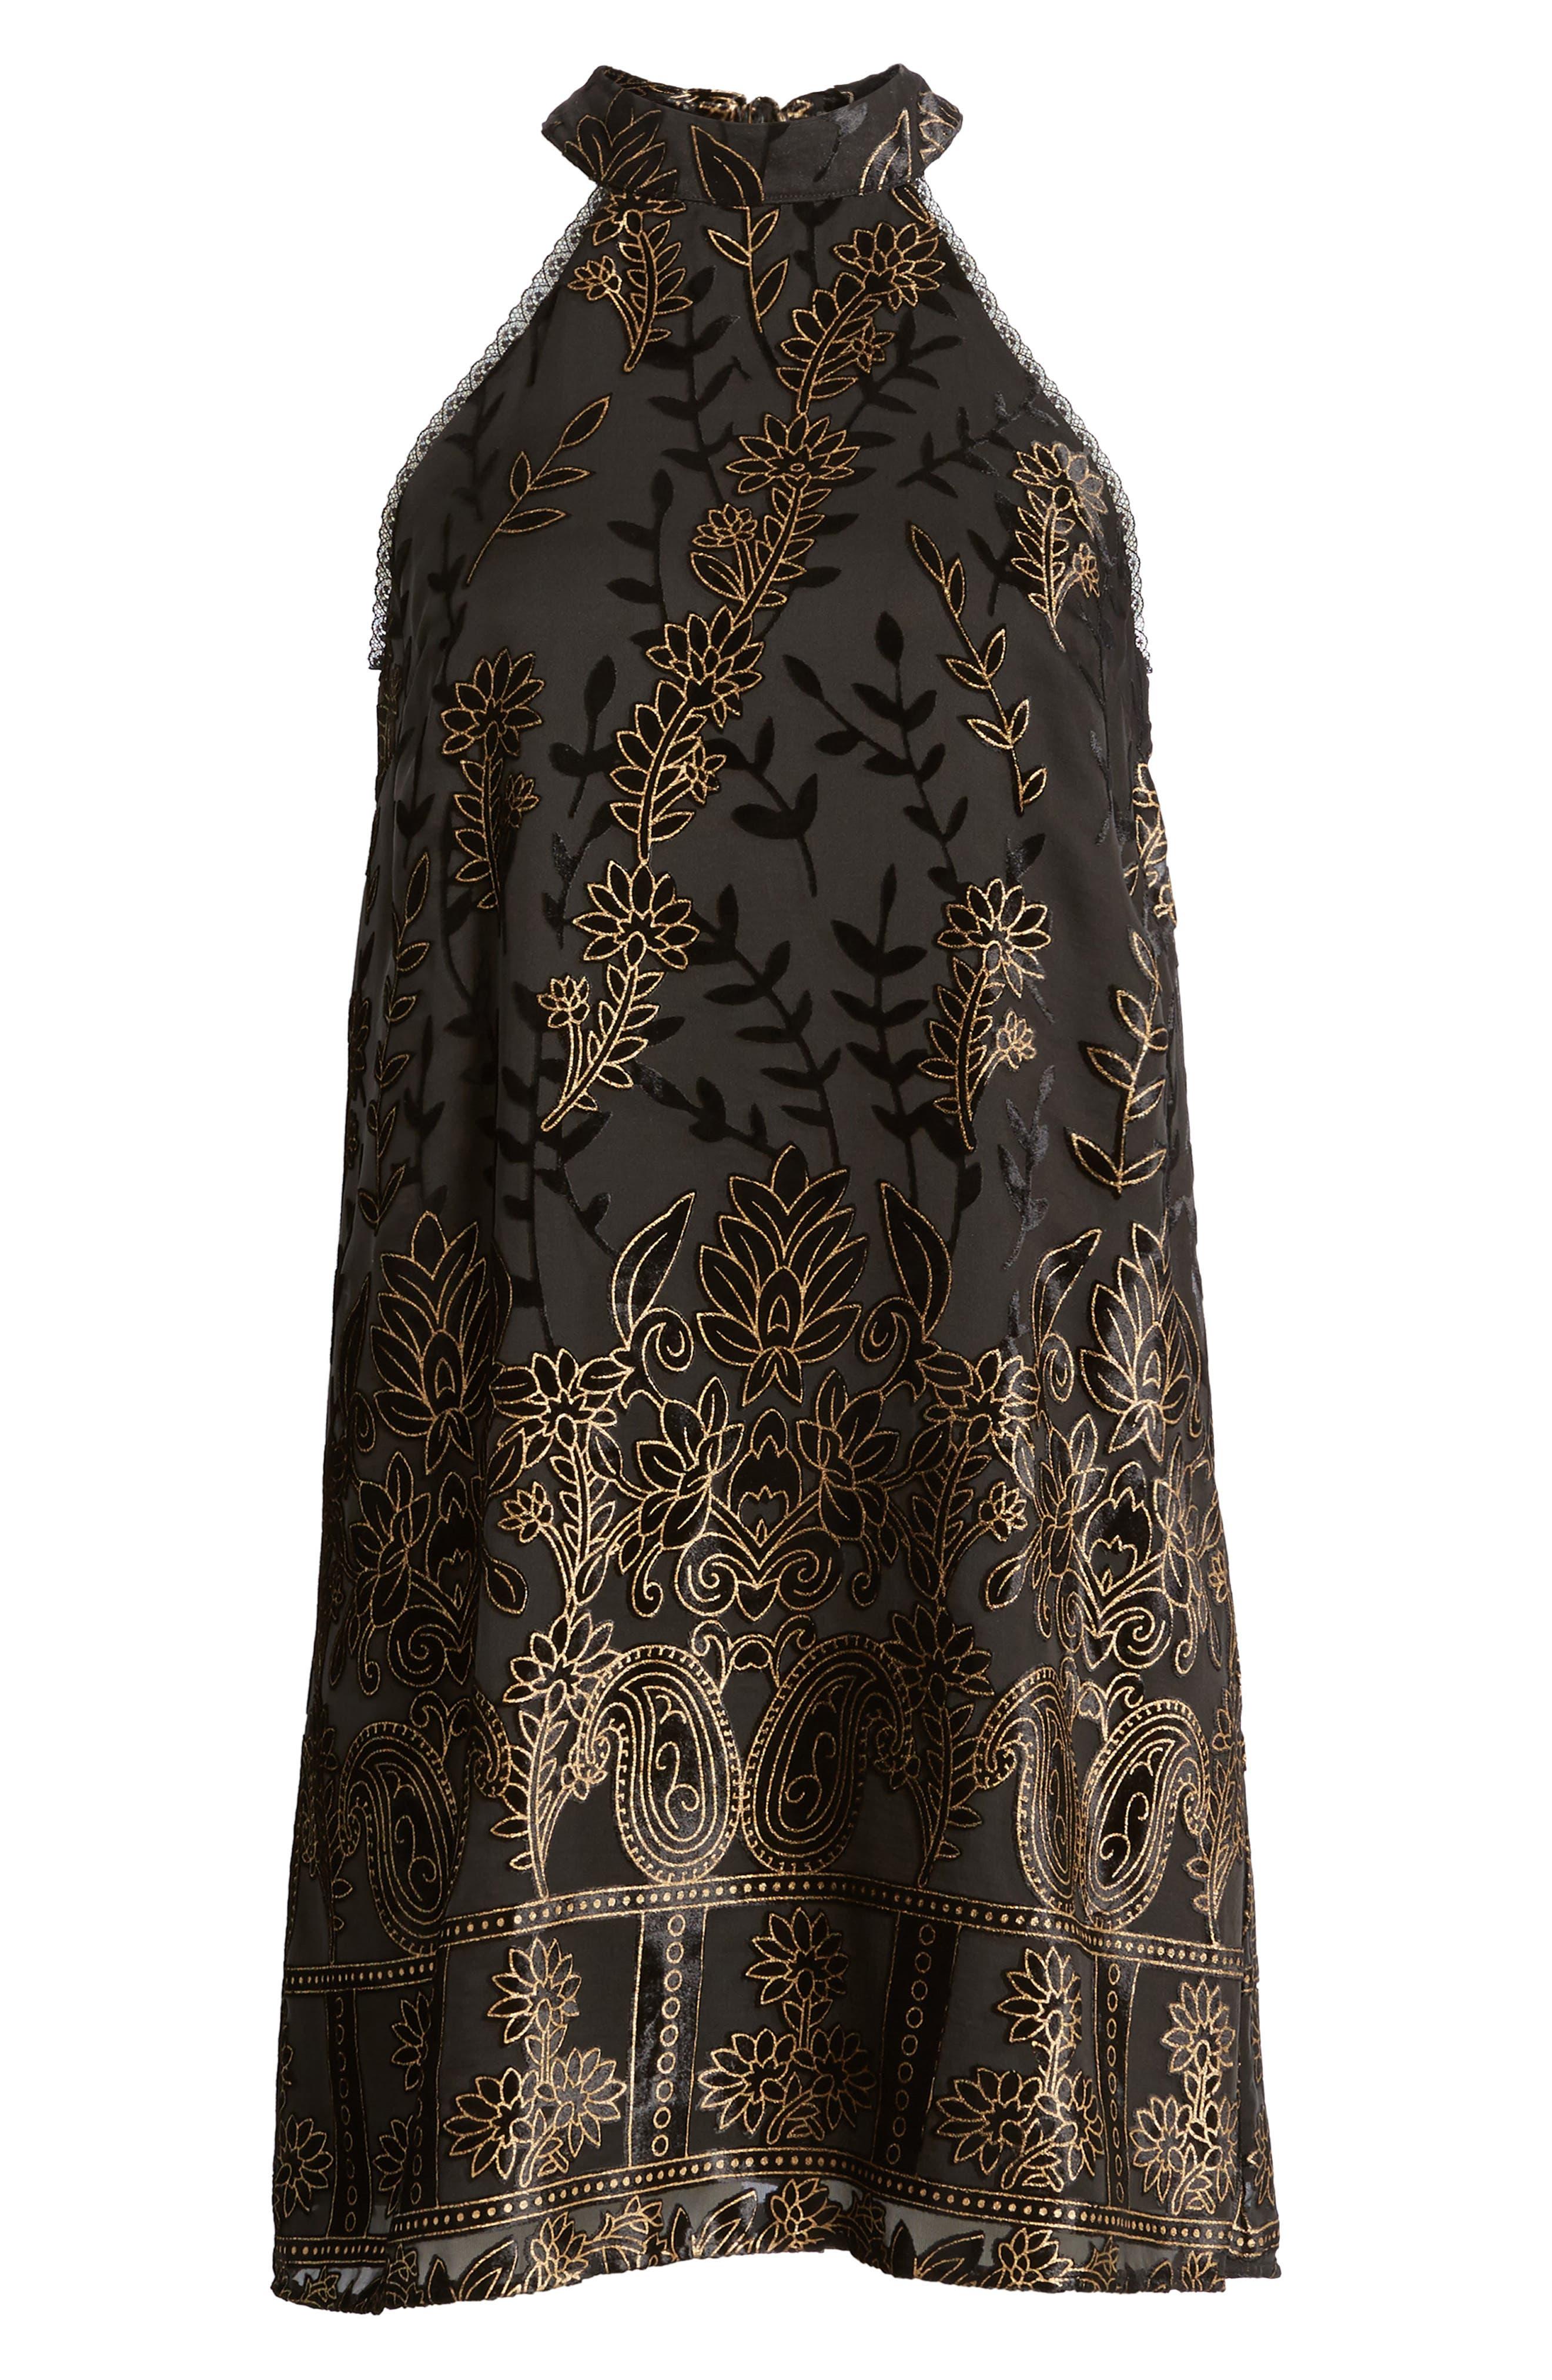 Merci Halter Dress,                             Alternate thumbnail 6, color,                             001